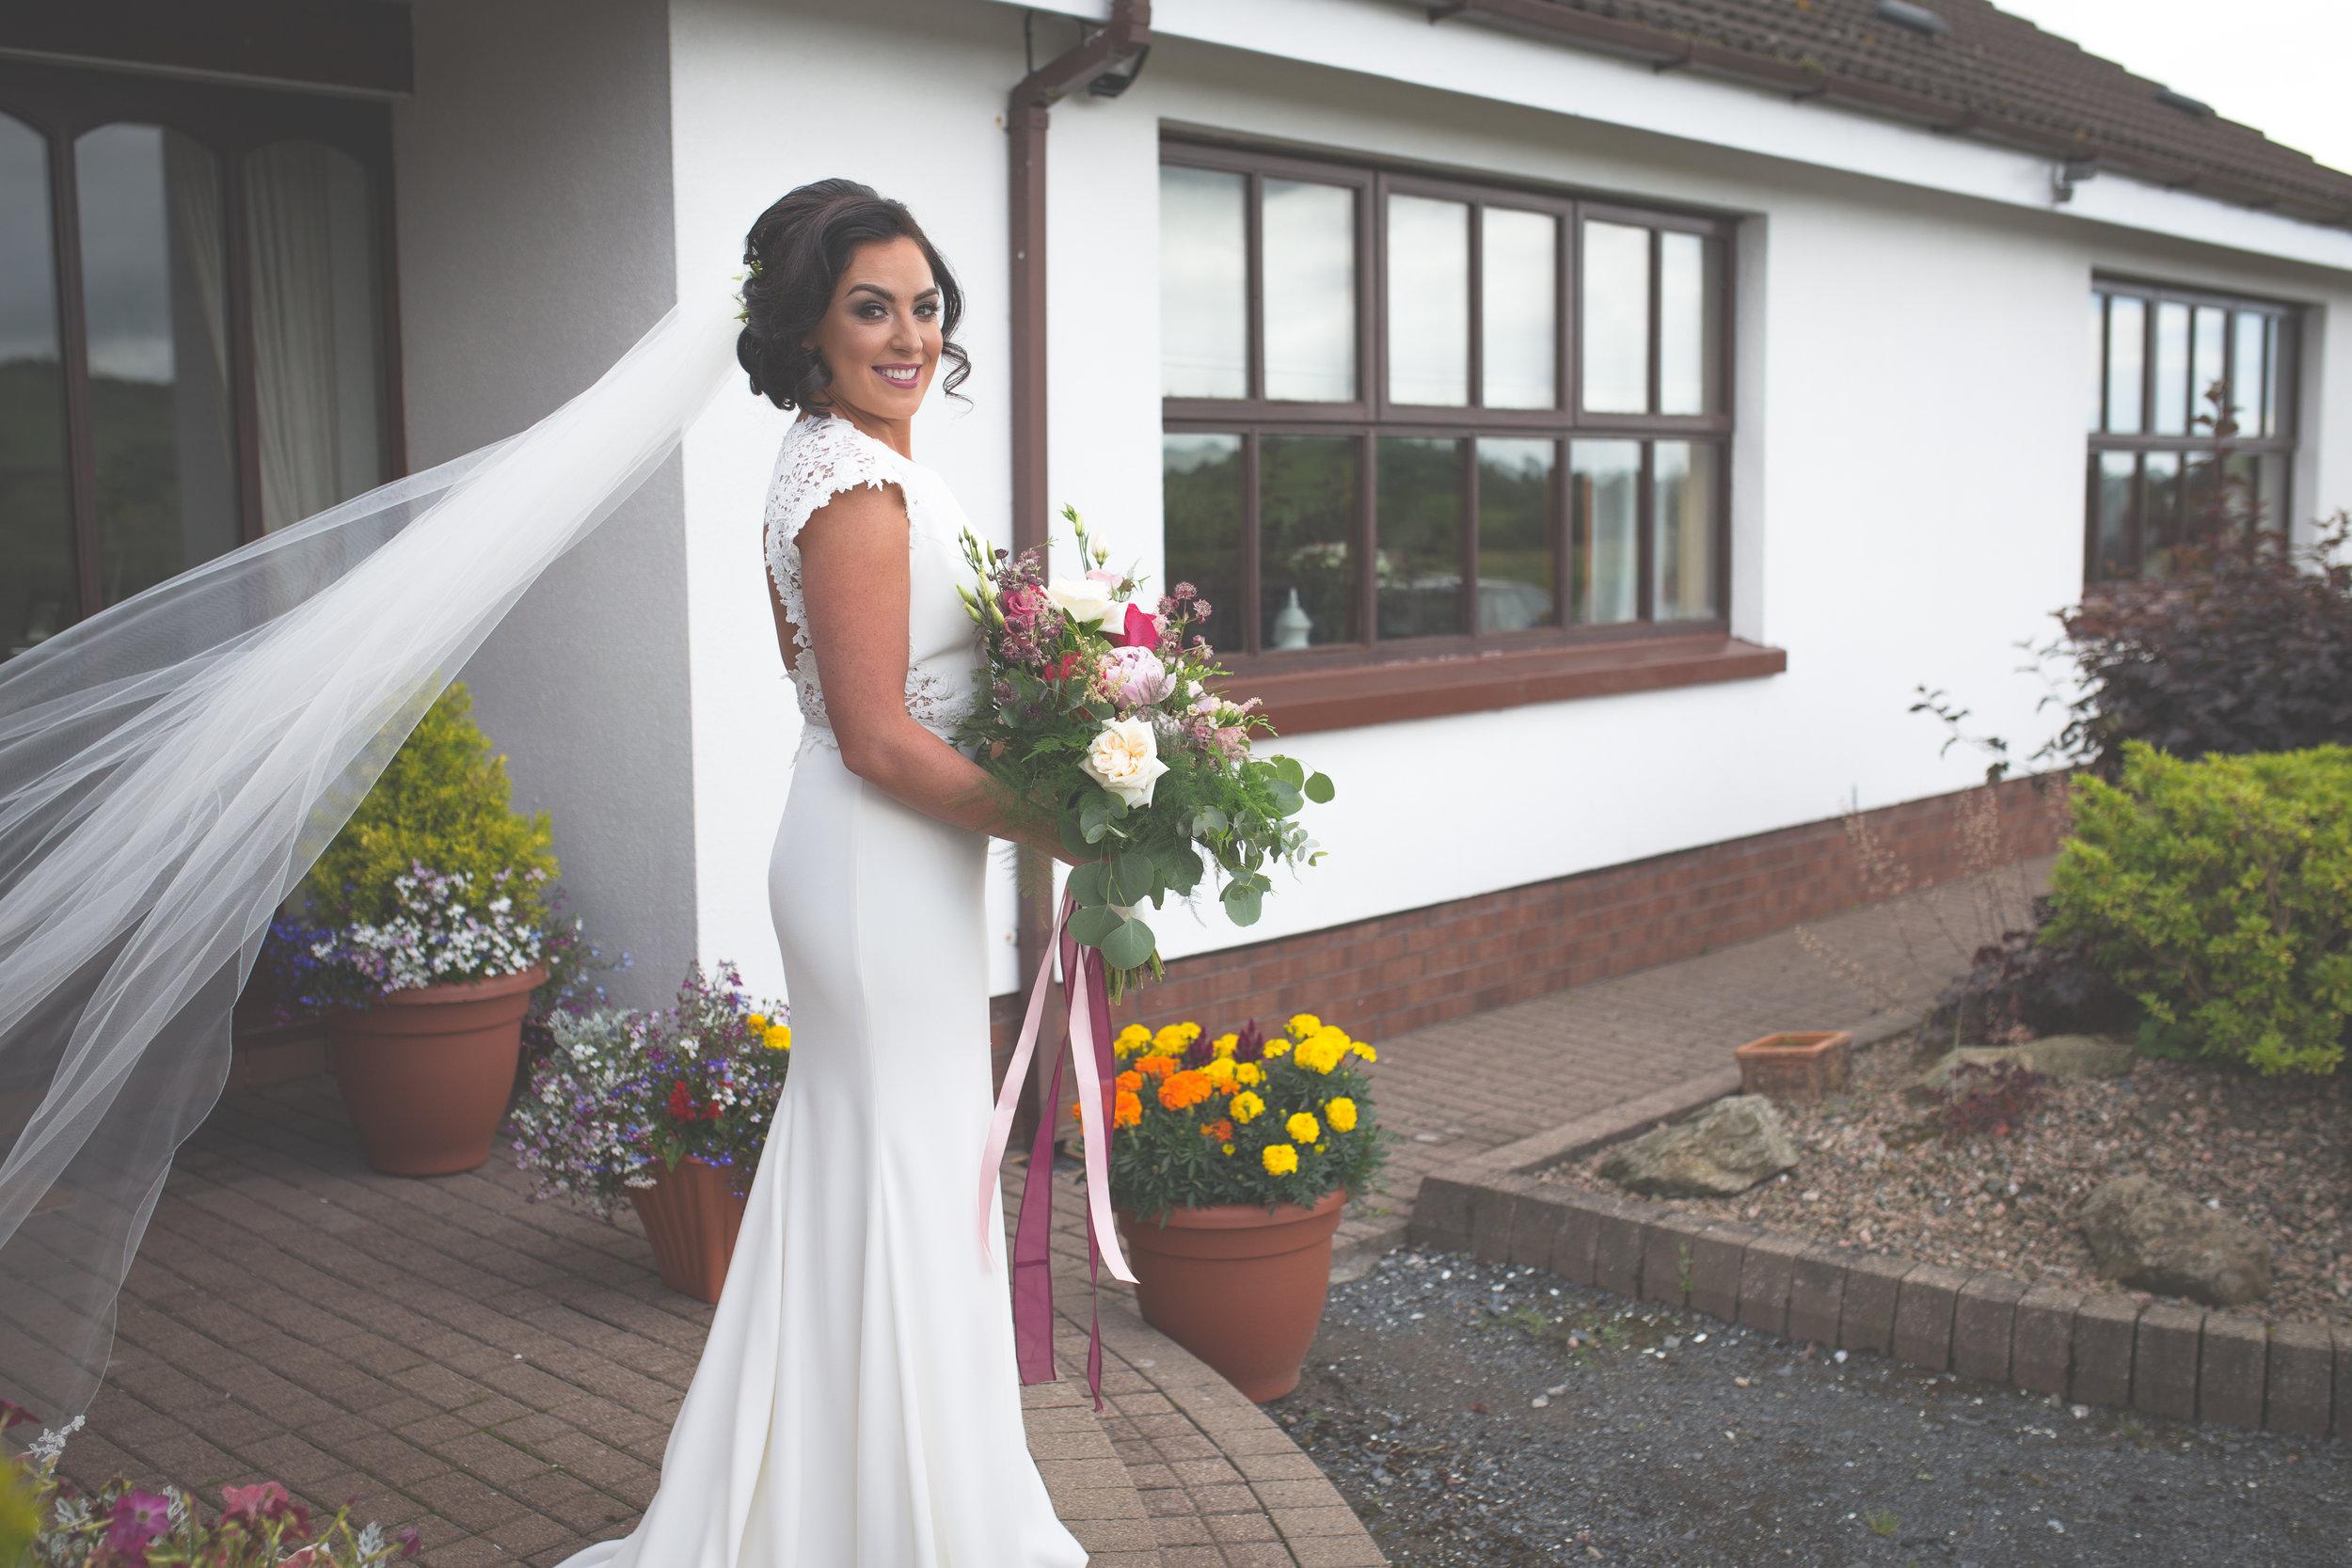 Brian McEwan Wedding Photography | Carol-Anne & Sean | Bridal Preparations-178.jpg